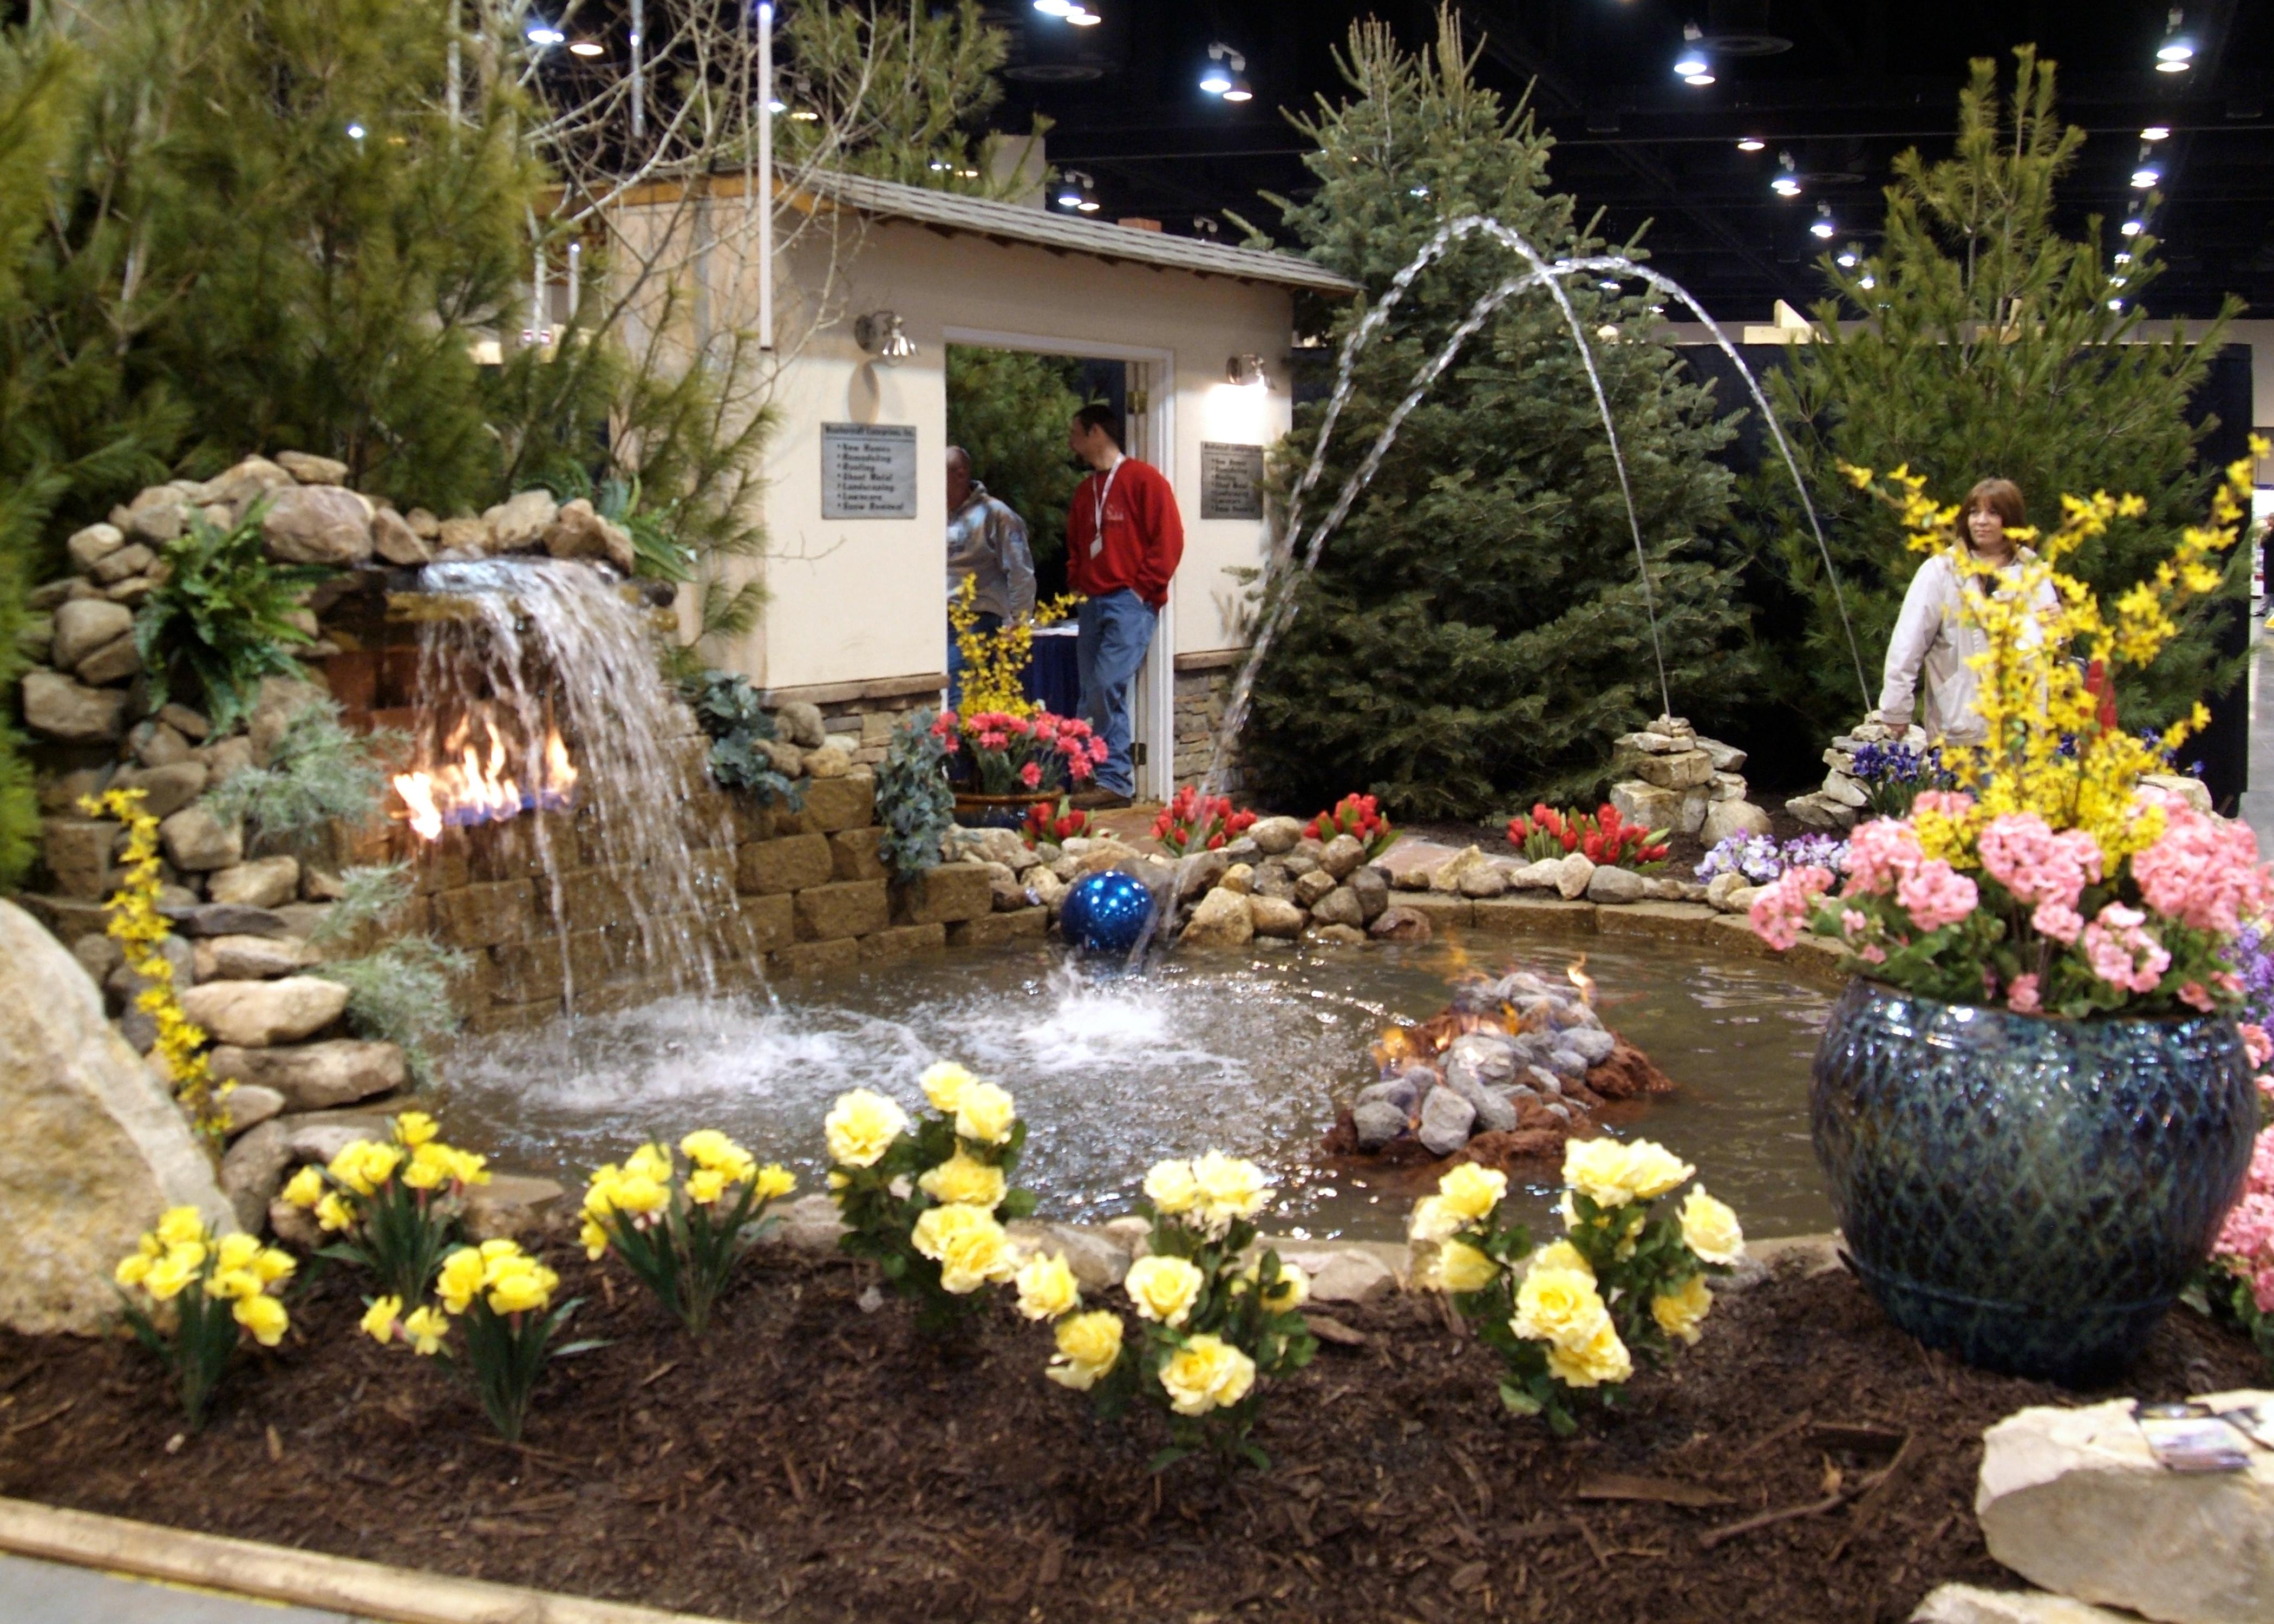 Merveilleux Omaha Home U0026 Garden Expo. FEBRUARY 7 U2013 10